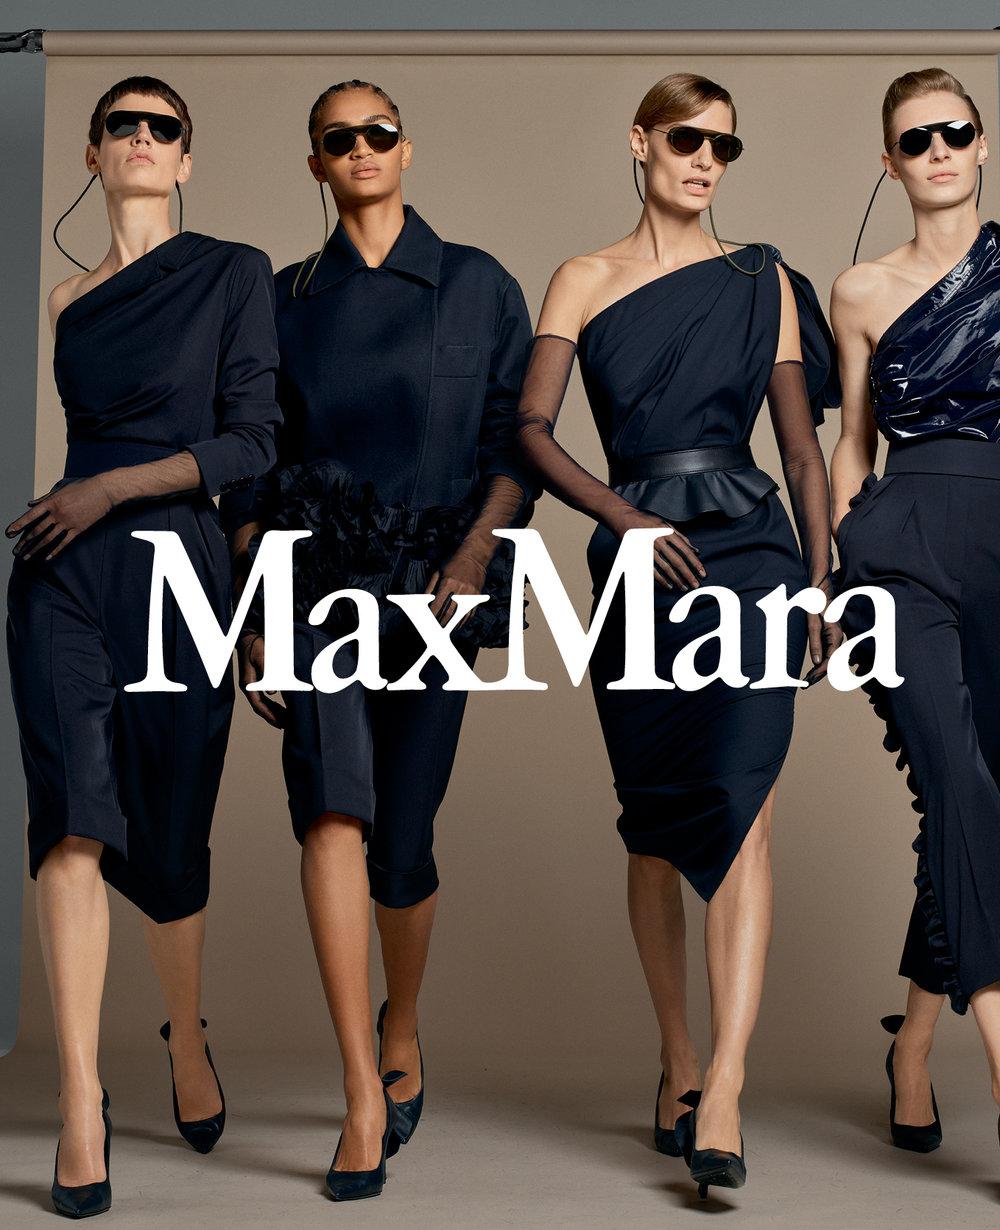 MAXMARA_SS19_URL_121314152.jpg